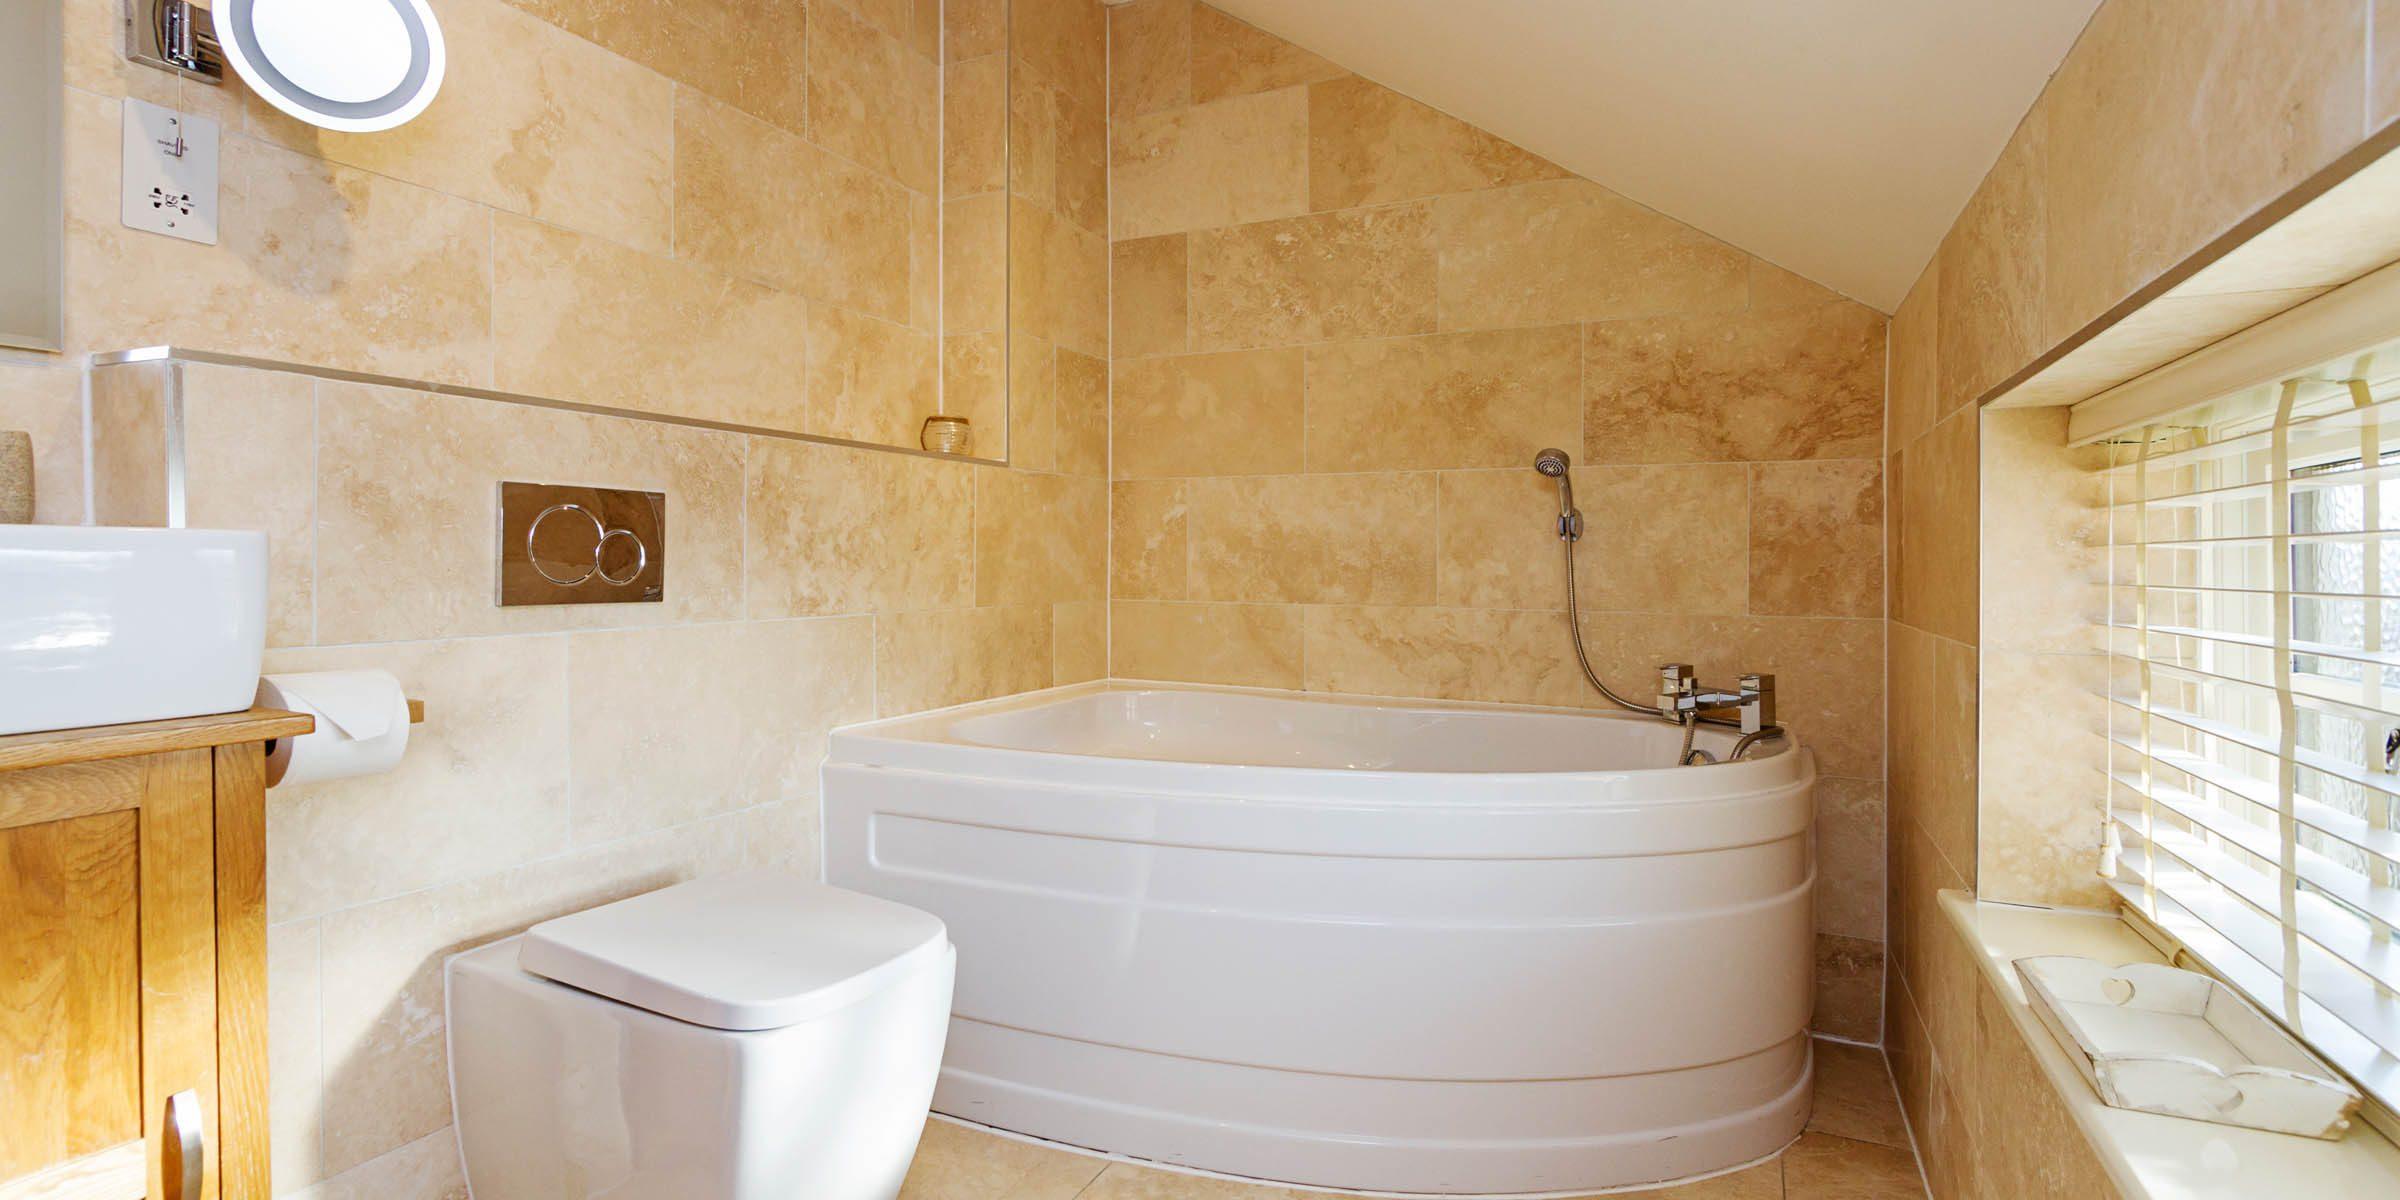 1_RoseCottage_D_Bathroom01